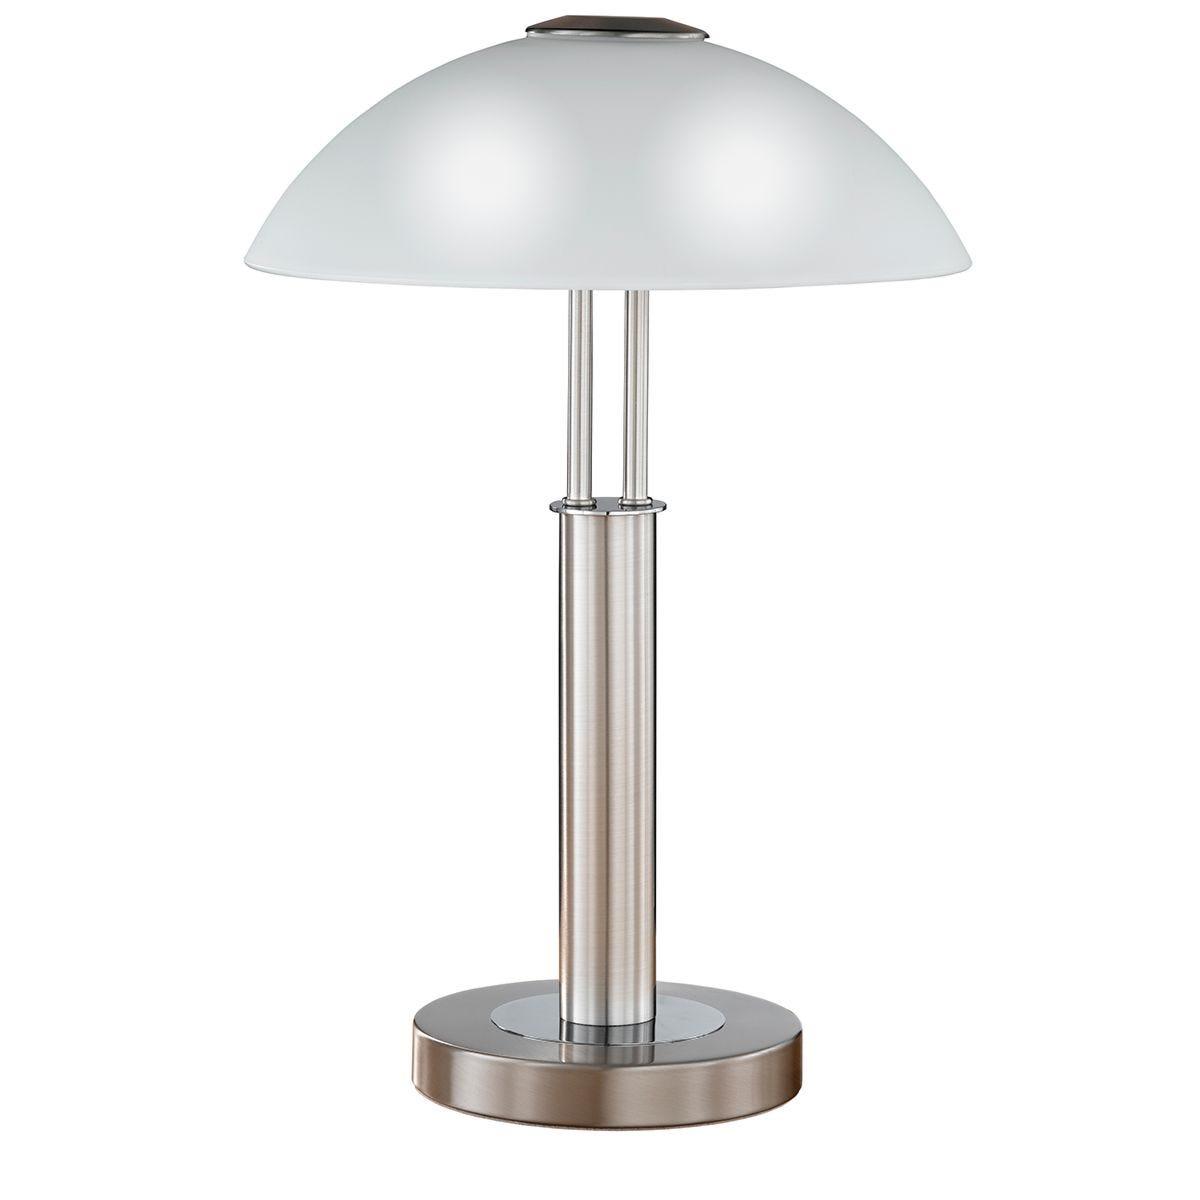 Wofi Prescot Table Lamp - Nickel